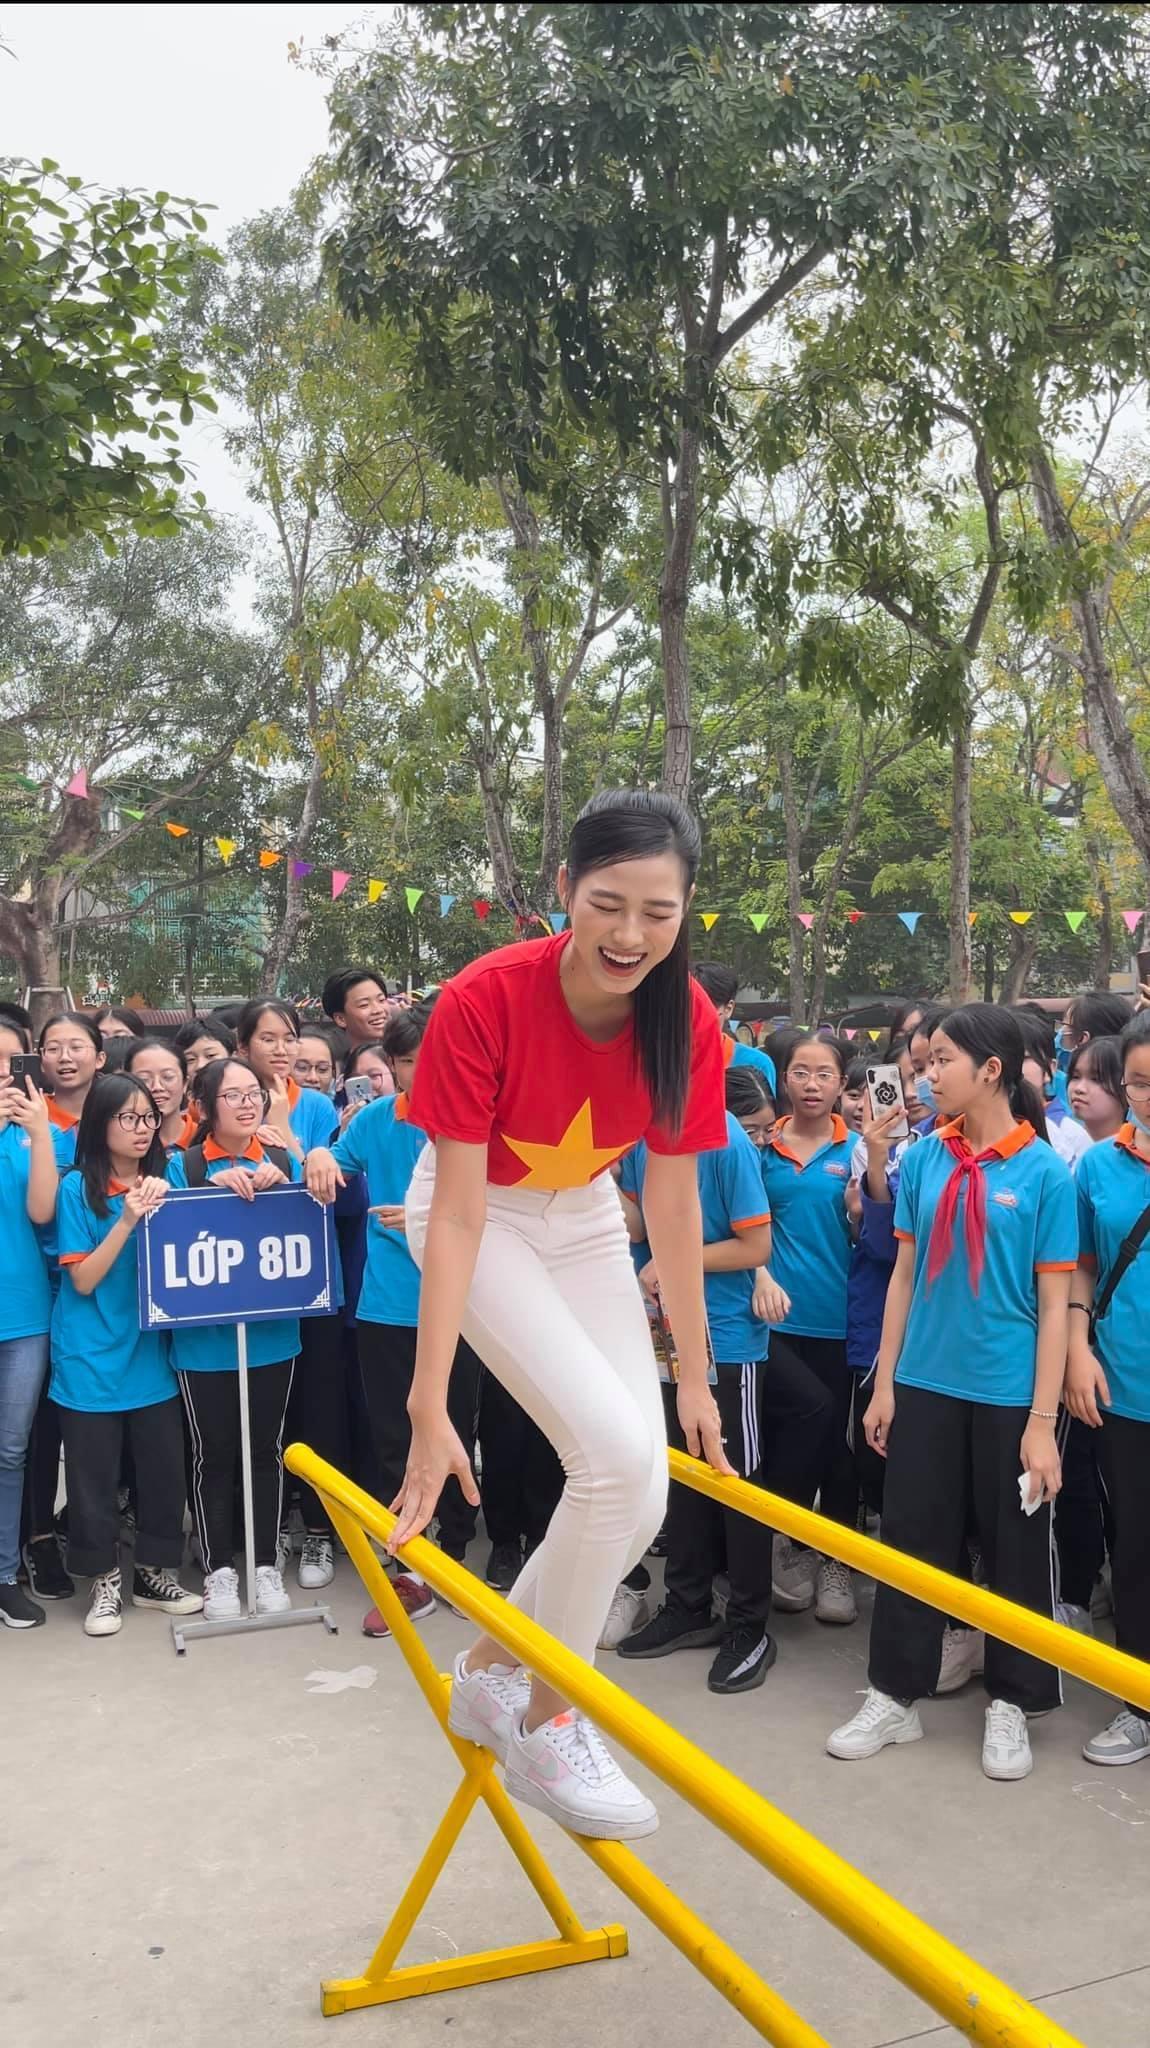 Teen chụp Hoa hậu Đỗ Thị Hà về trường giao lưu, ai nấy đều trầm trồ: 'Đẹp không góc chết!' Ảnh 6